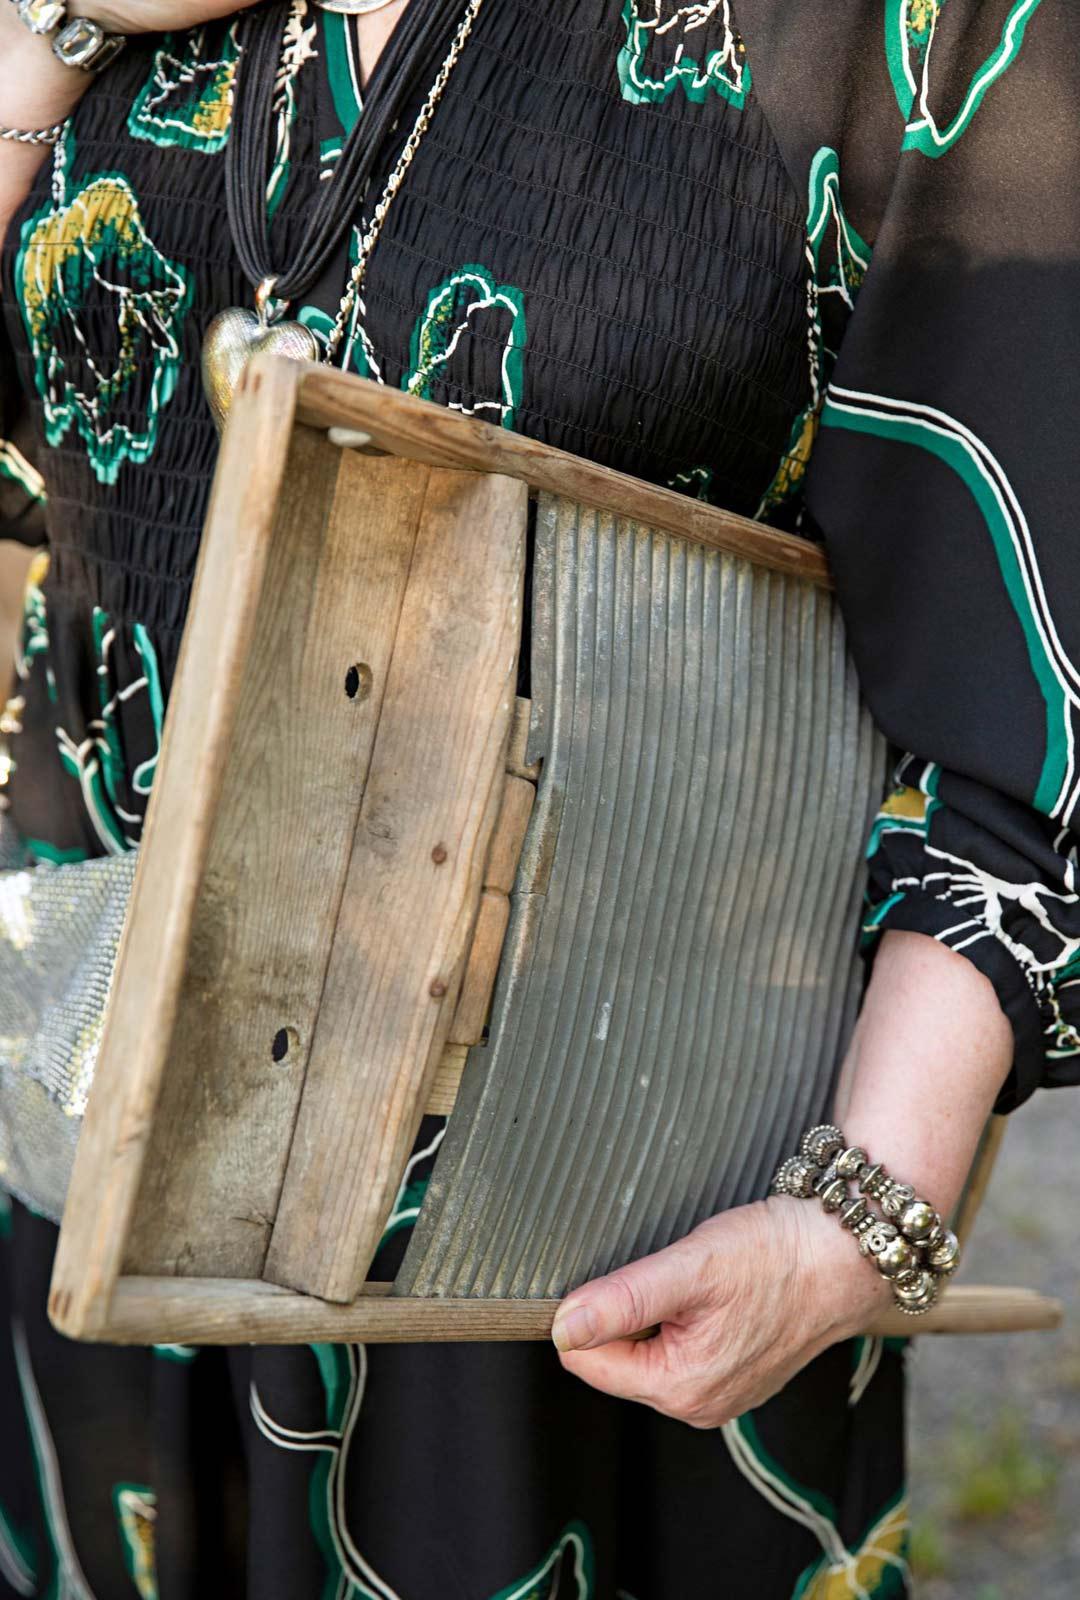 Satu Rantalan roolihahmo Siviä tuo pyykkilaudan tuliaisiksi sulholleen Kustaalle.